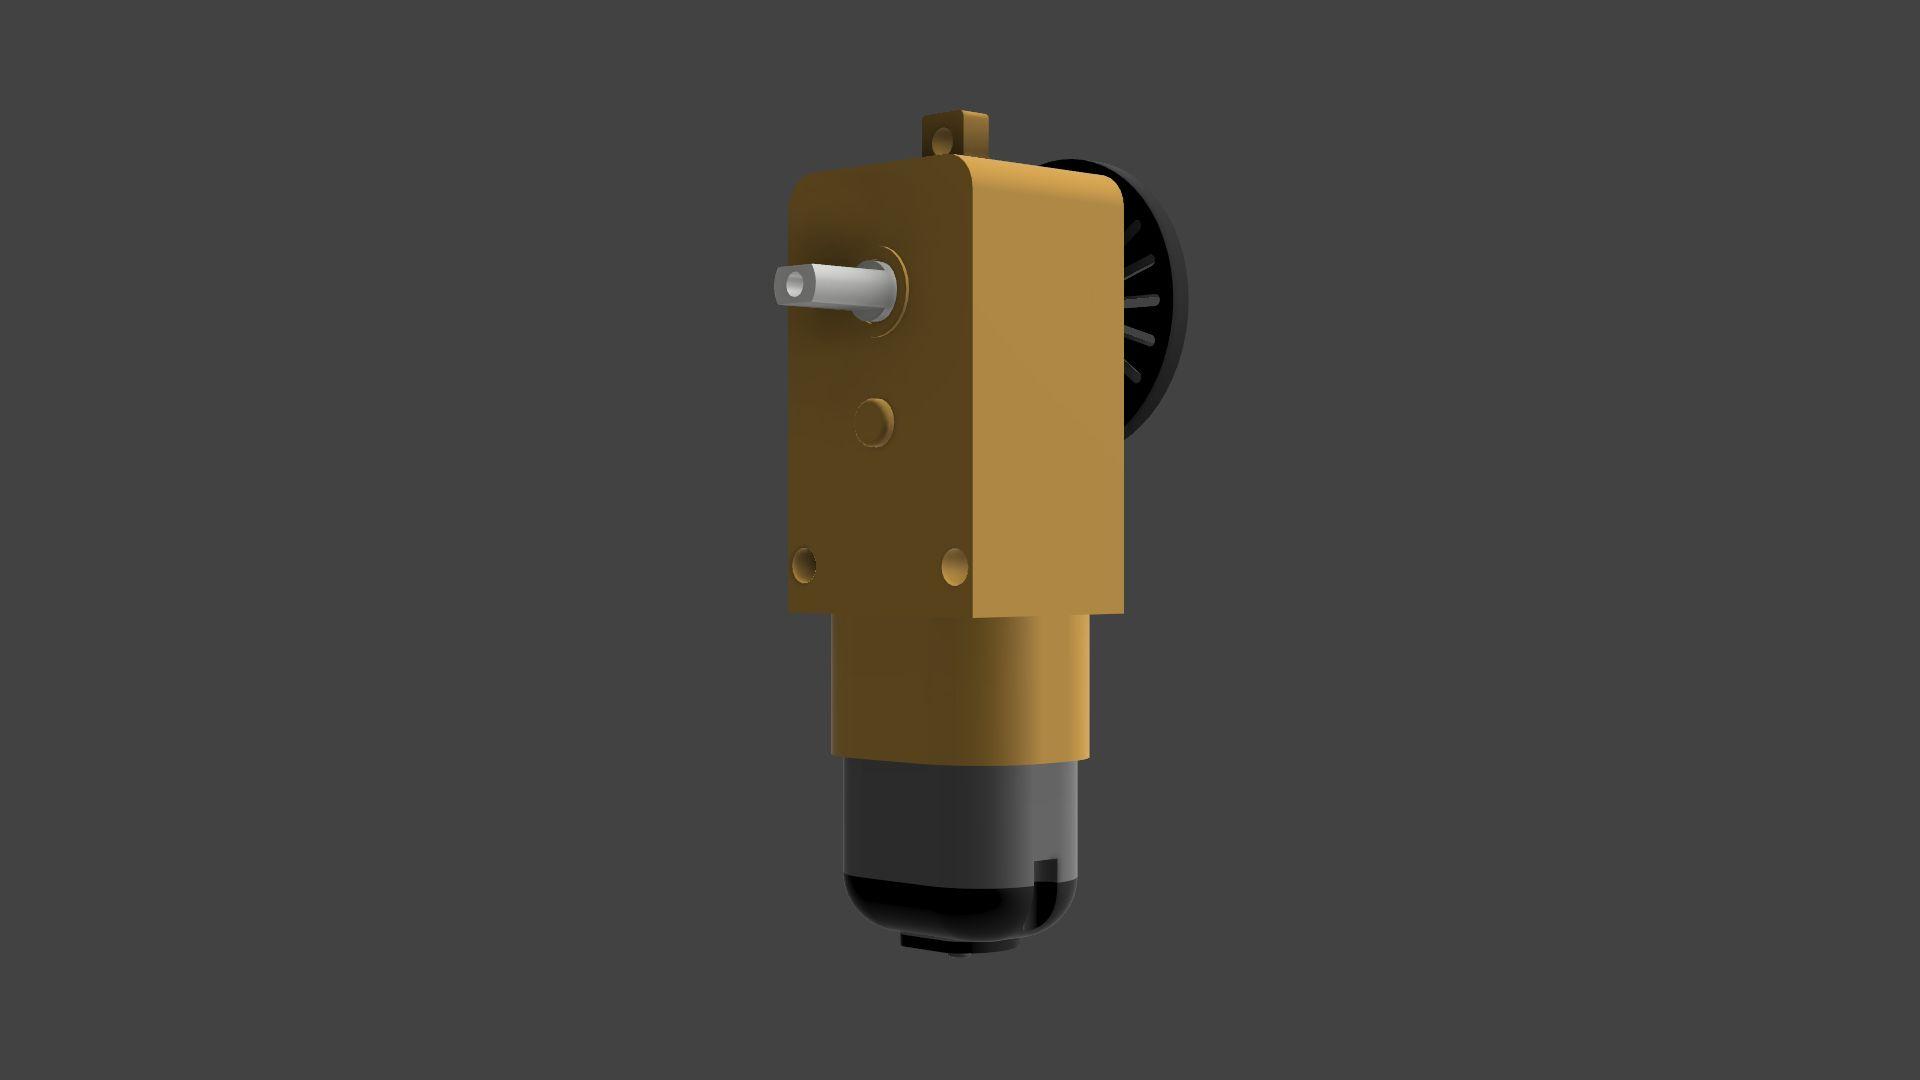 Geared-motor-v2-3500-3500